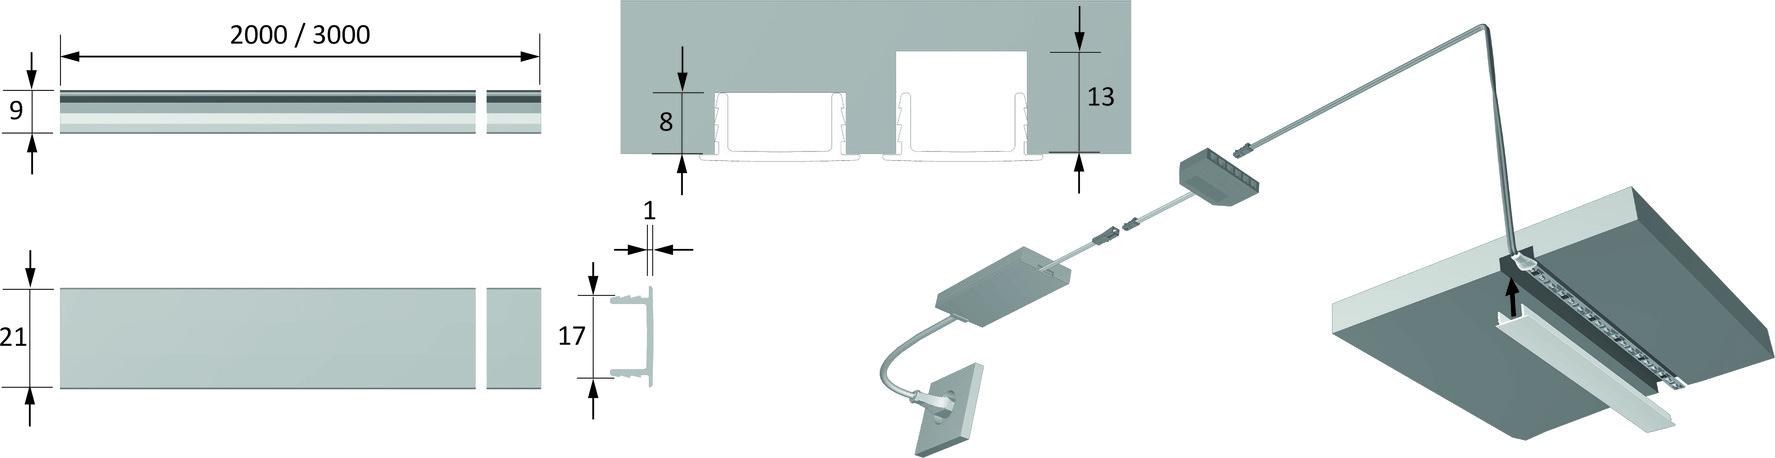 Ecrans LED HALEMEIER ChannelLine F